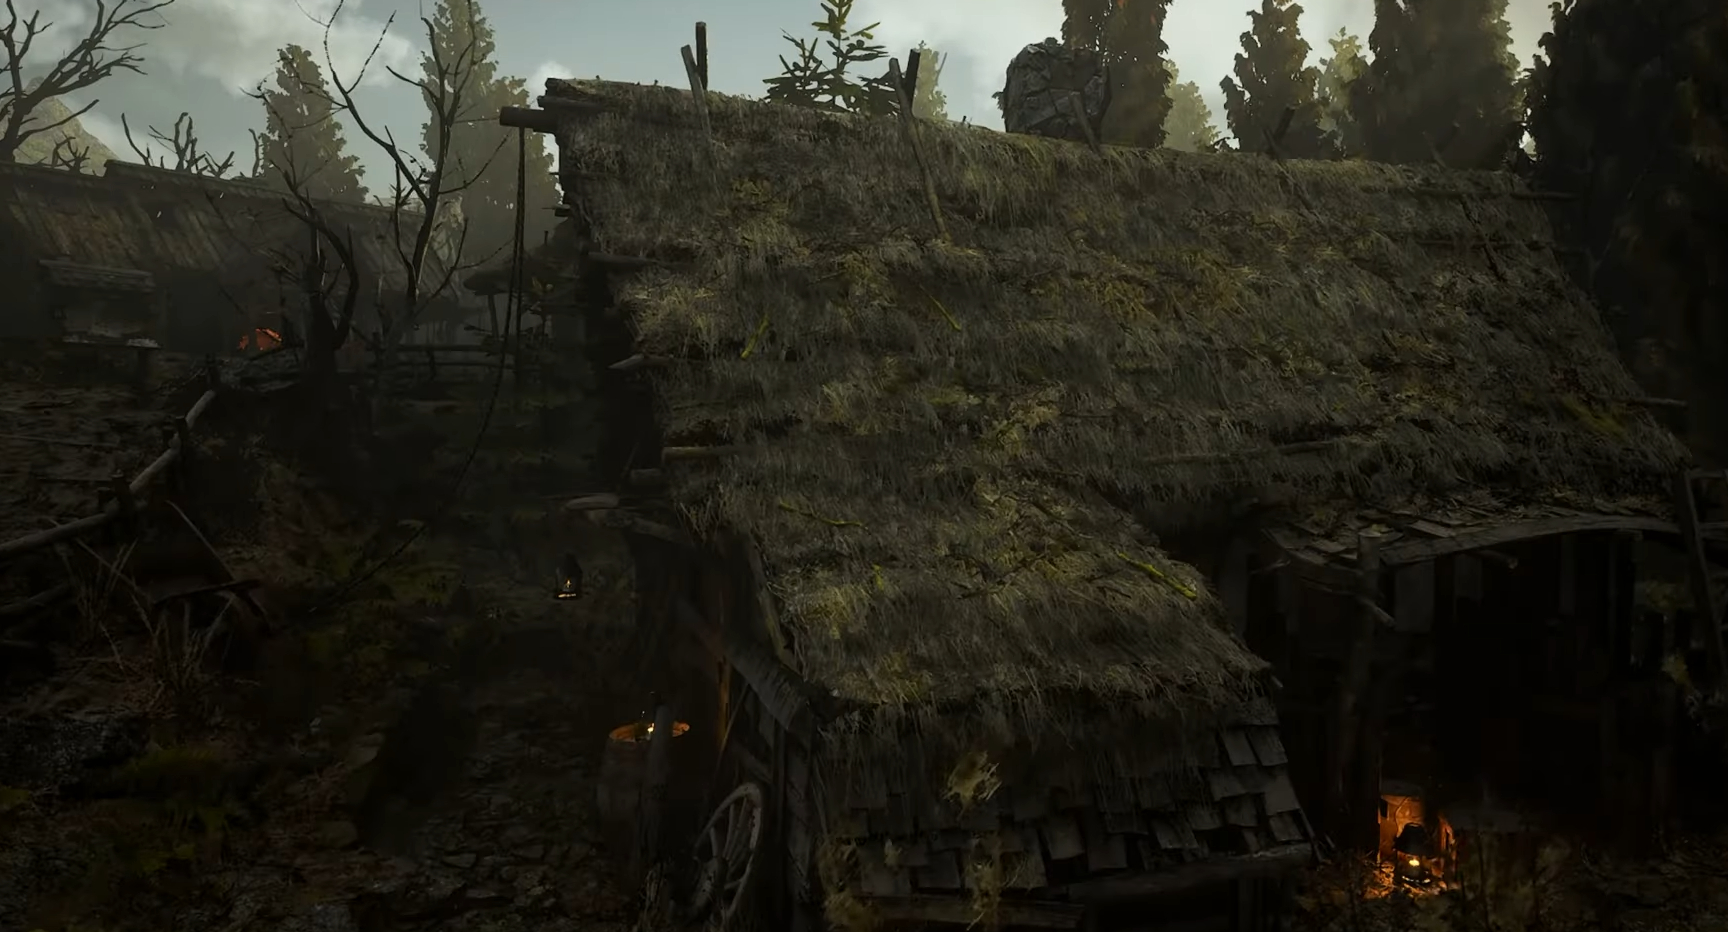 Видео: энтузиаст поделился видением того, как может выглядеть The Elder Scrolls VI на Unreal Engine 4